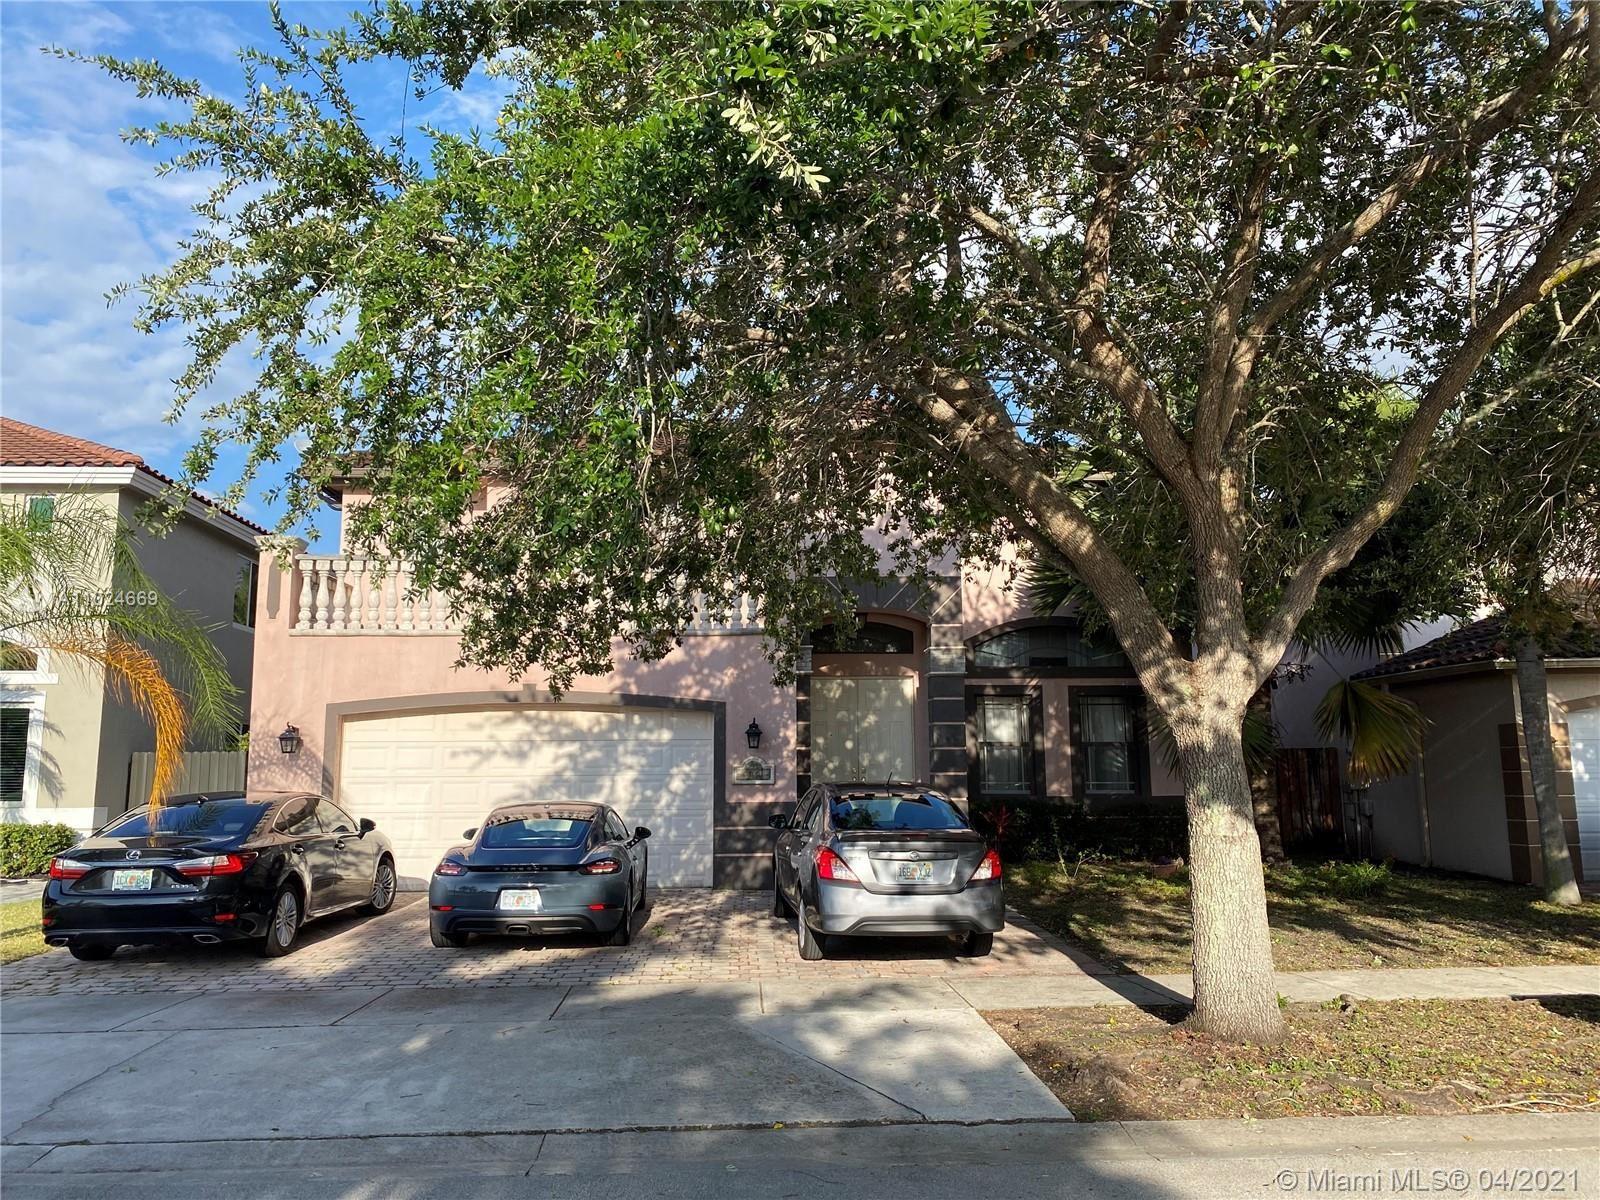 6521 SW 163rd Ct, Miami, FL 33193 - #: A11024669